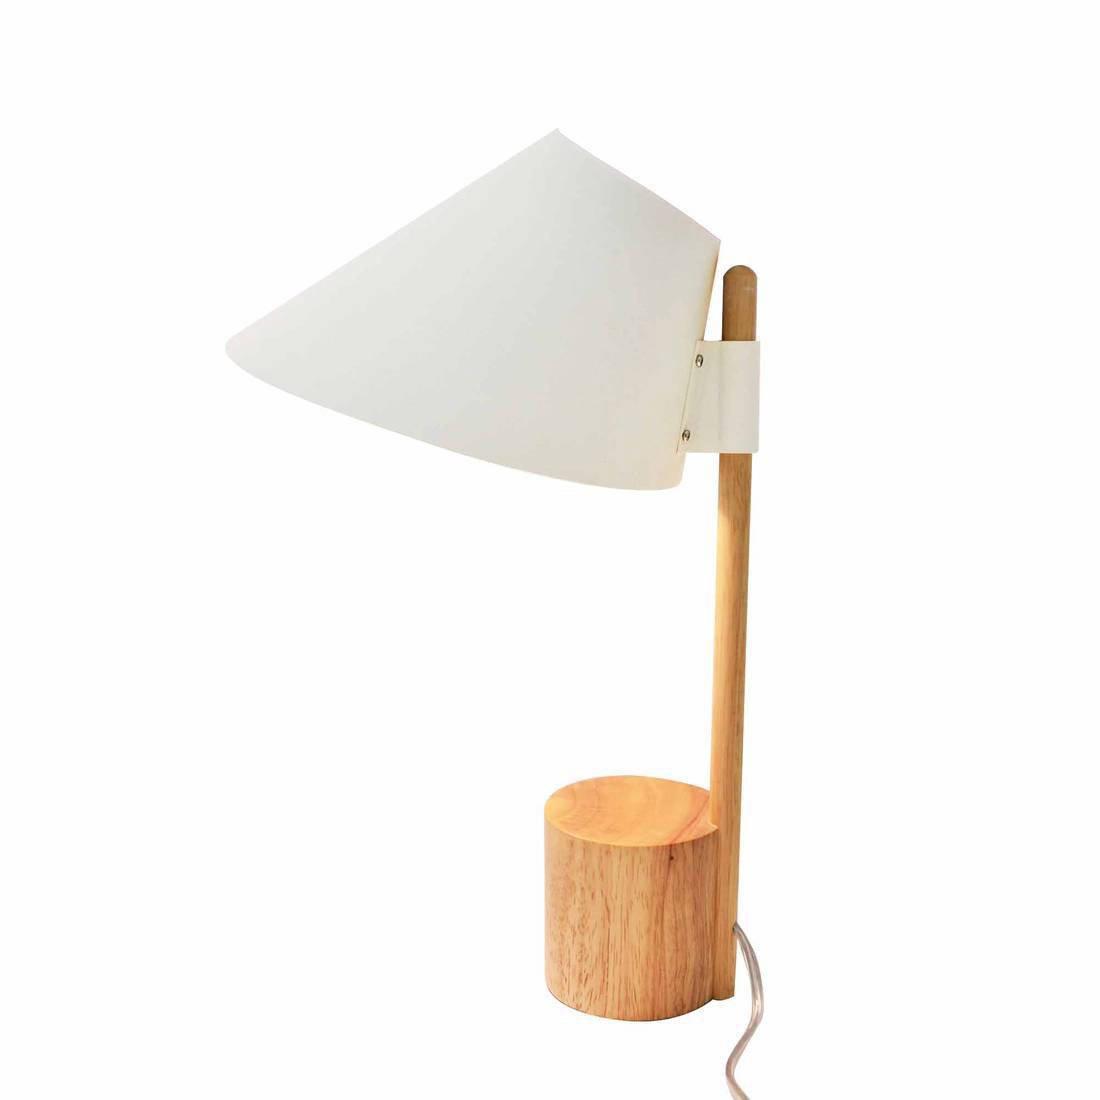 Lampe, design, bois blanc et bois Capy